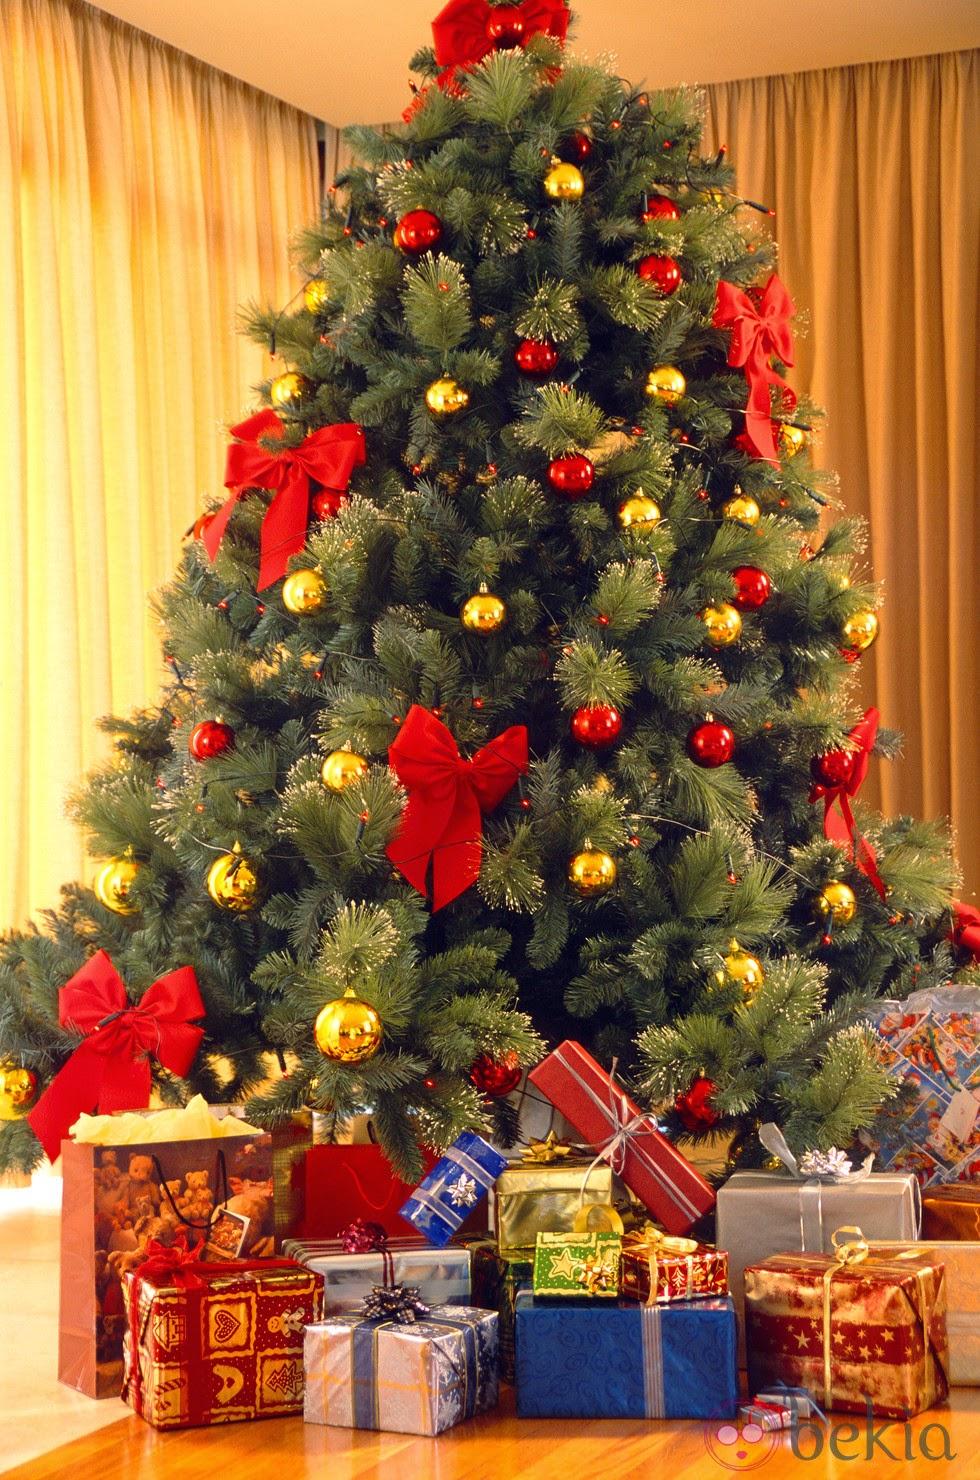 Fotos arboles navidad decorados - Arboles de navidad decorados 2013 ...